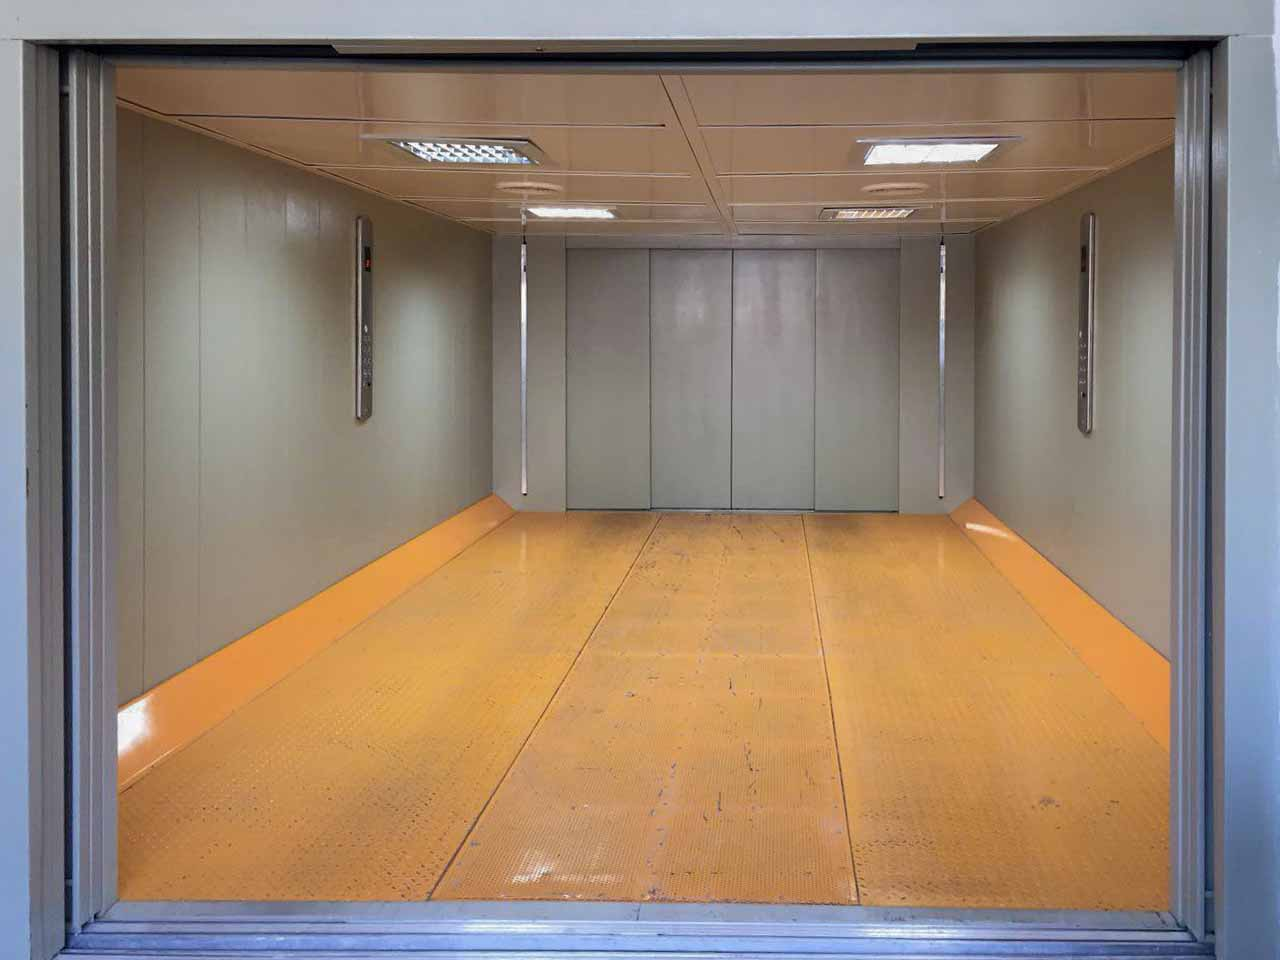 آسانسور هیدرولیکی، آسانسور بار بر، باربر، آسانسور، ماشین بر، آسانسور خودرو، آسانسور ماشین